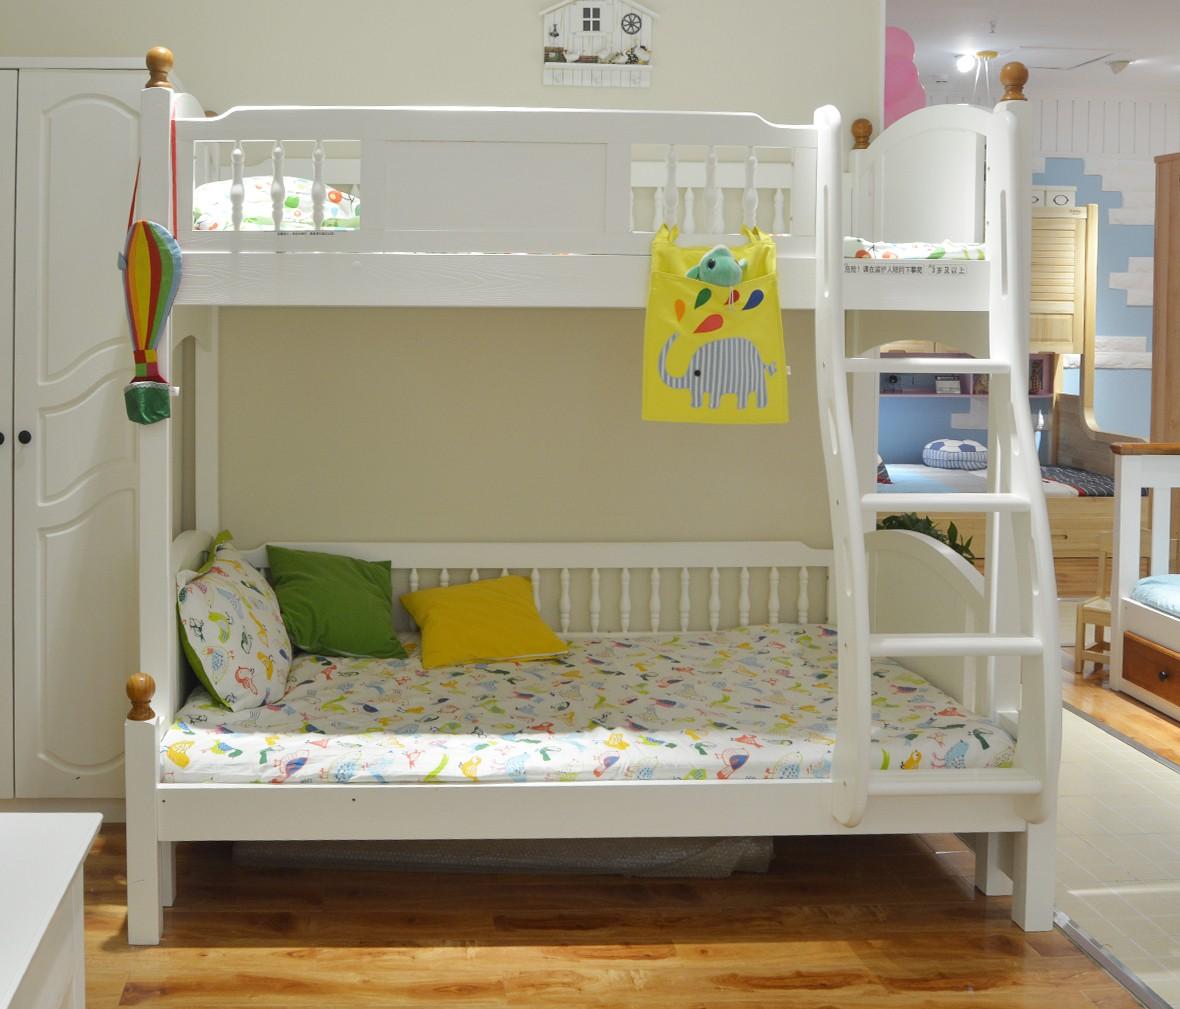 弋玛特儿童家具 C-88A型号上下床 进口智利松材质儿童床 商品情景